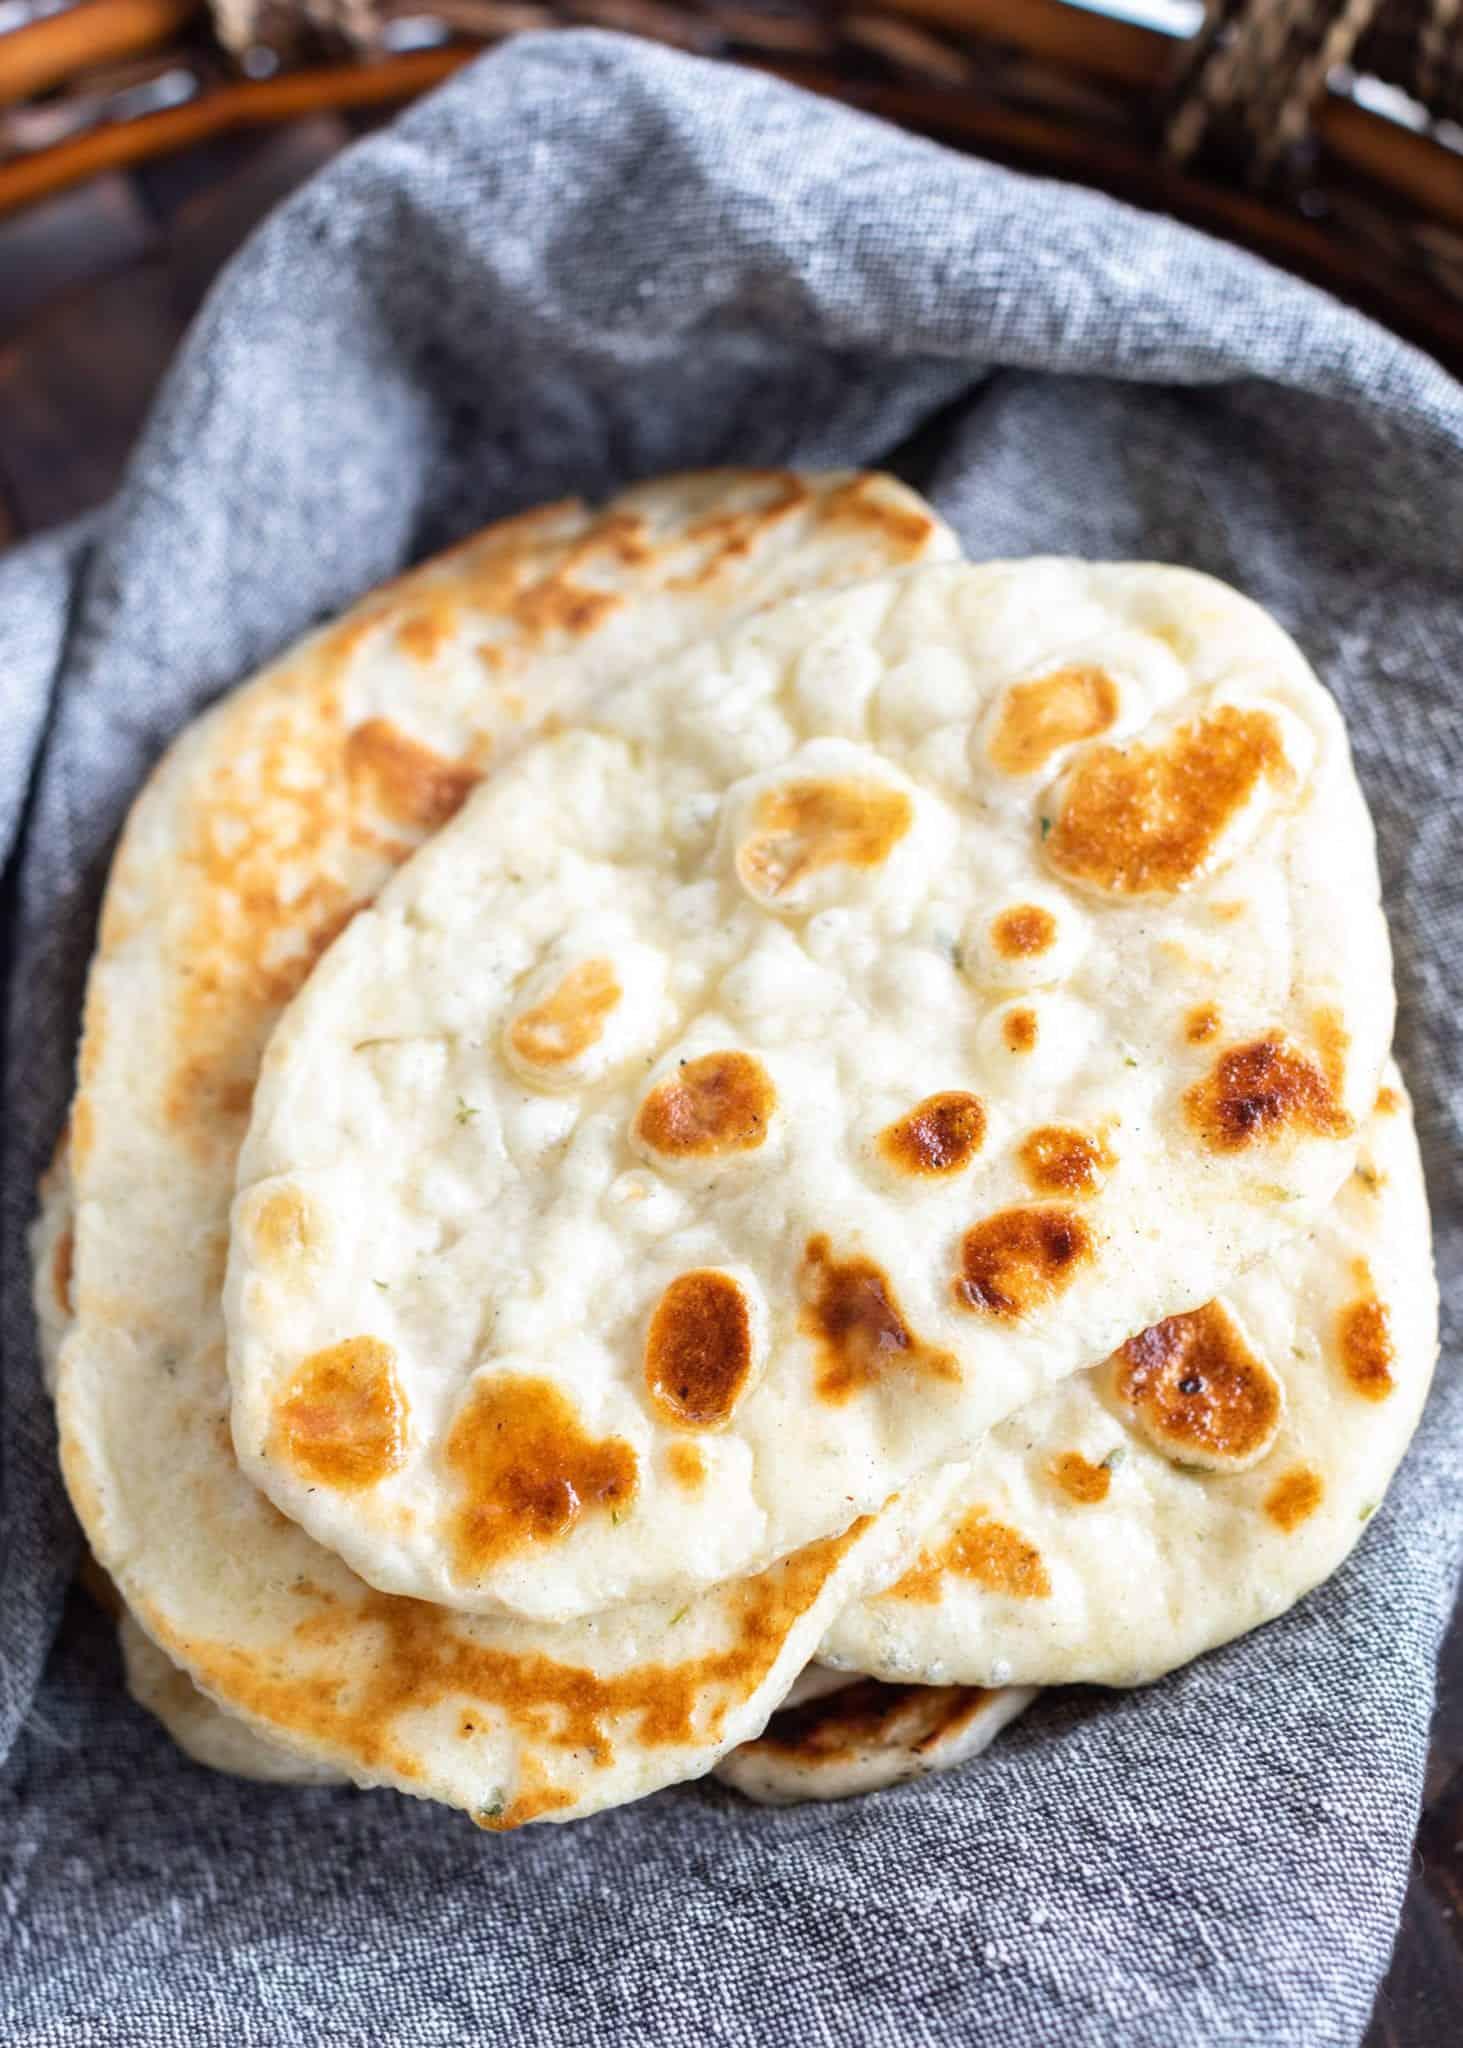 Warm Soft Garlic Herb Naan Bread stacked in denim napkin